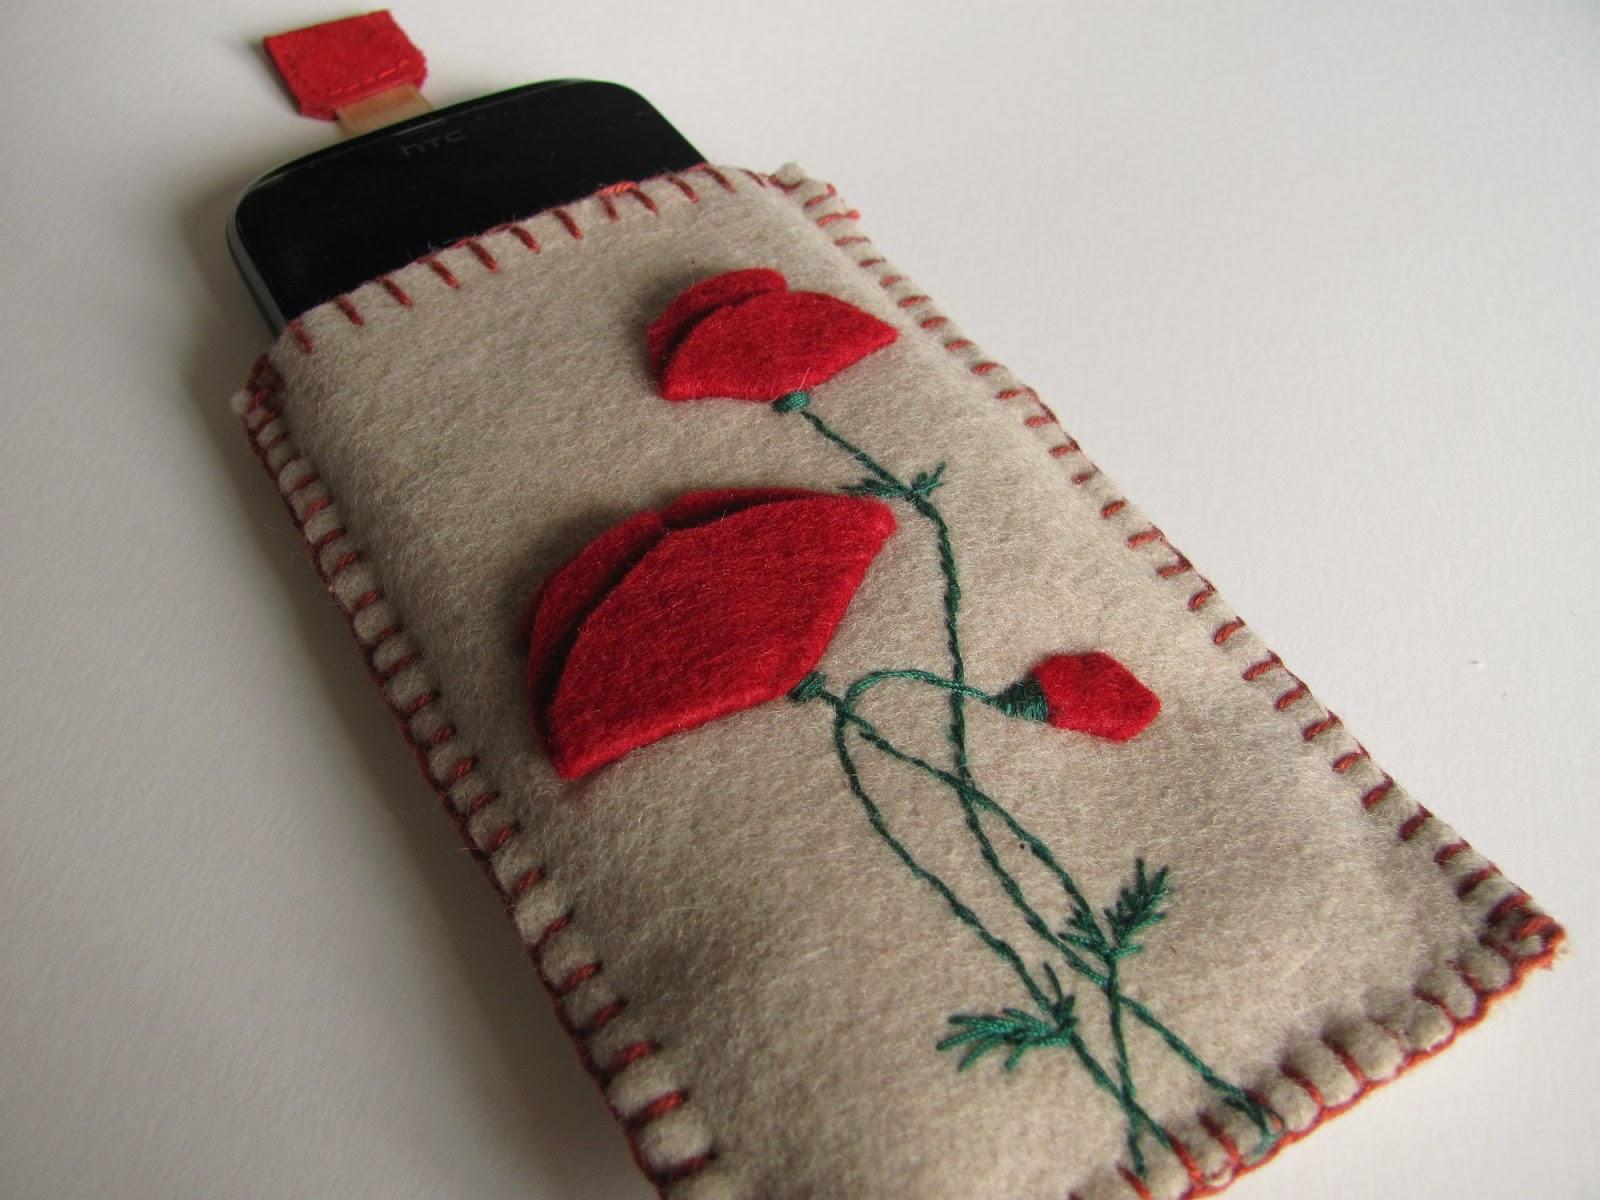 Чехлы для телефонов своими руками из ткани фото